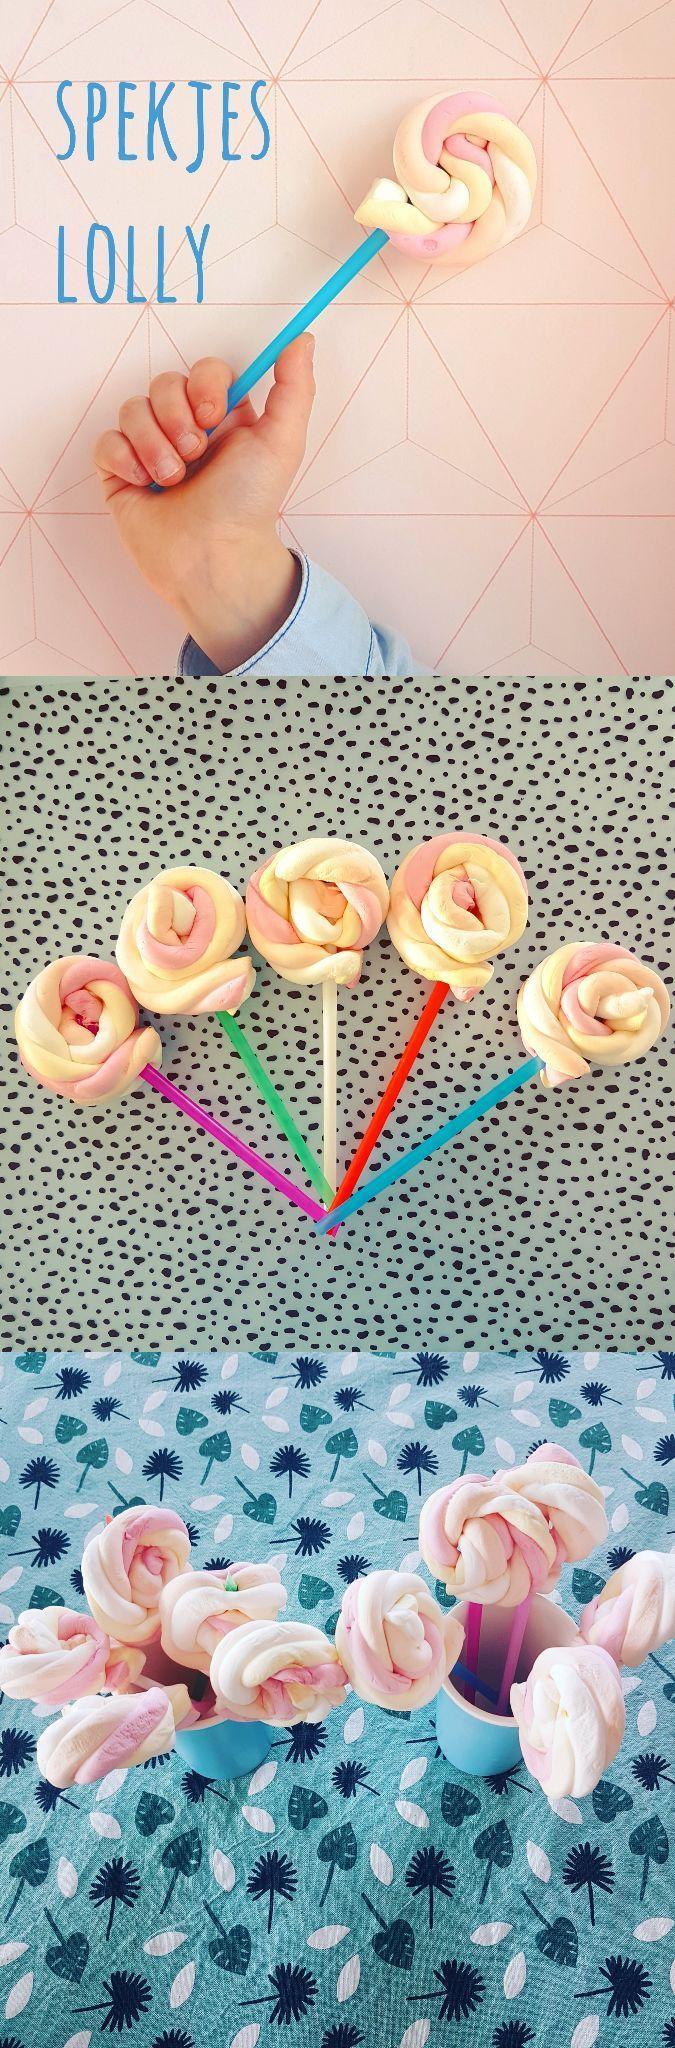 Leuke traktatie voor verjaardag: zelfgemaakte spekjes lolly - Leuk met kids